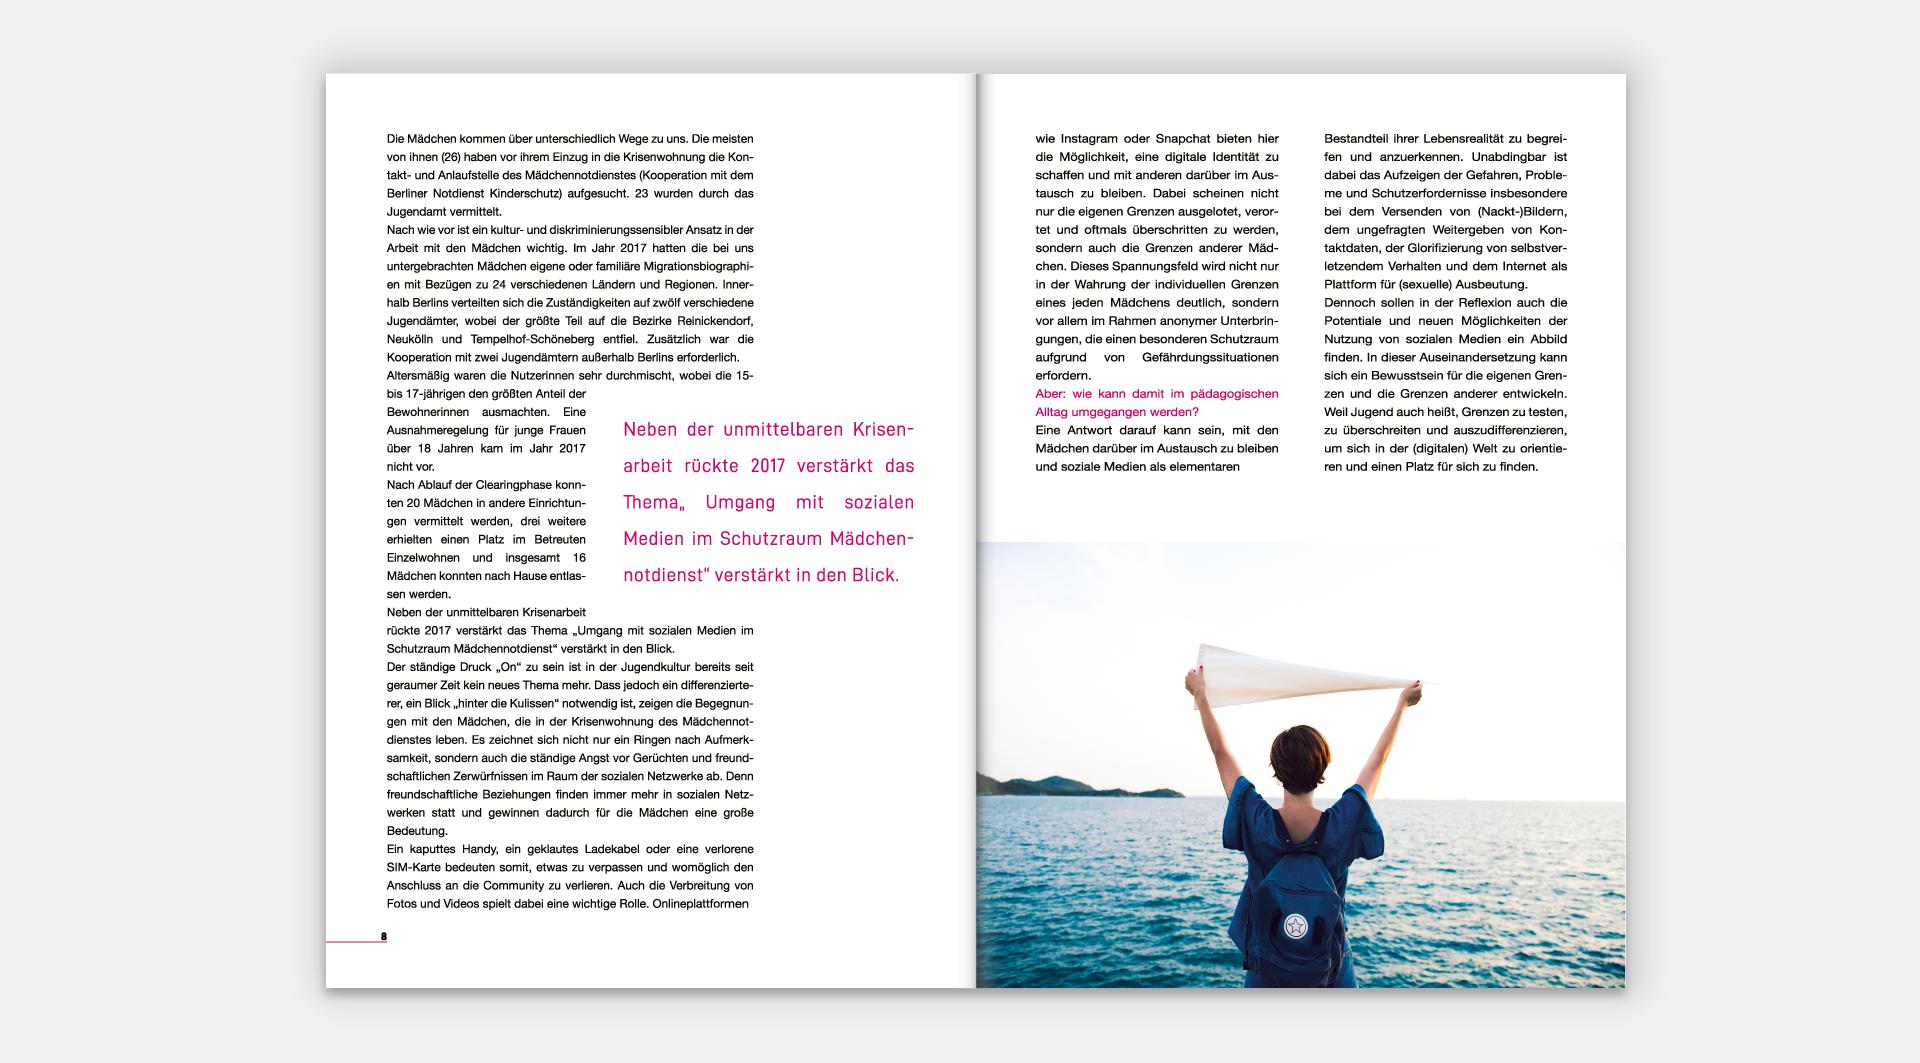 Wildwasser e. V. Jahresberichte 2017 - Seite 8-9